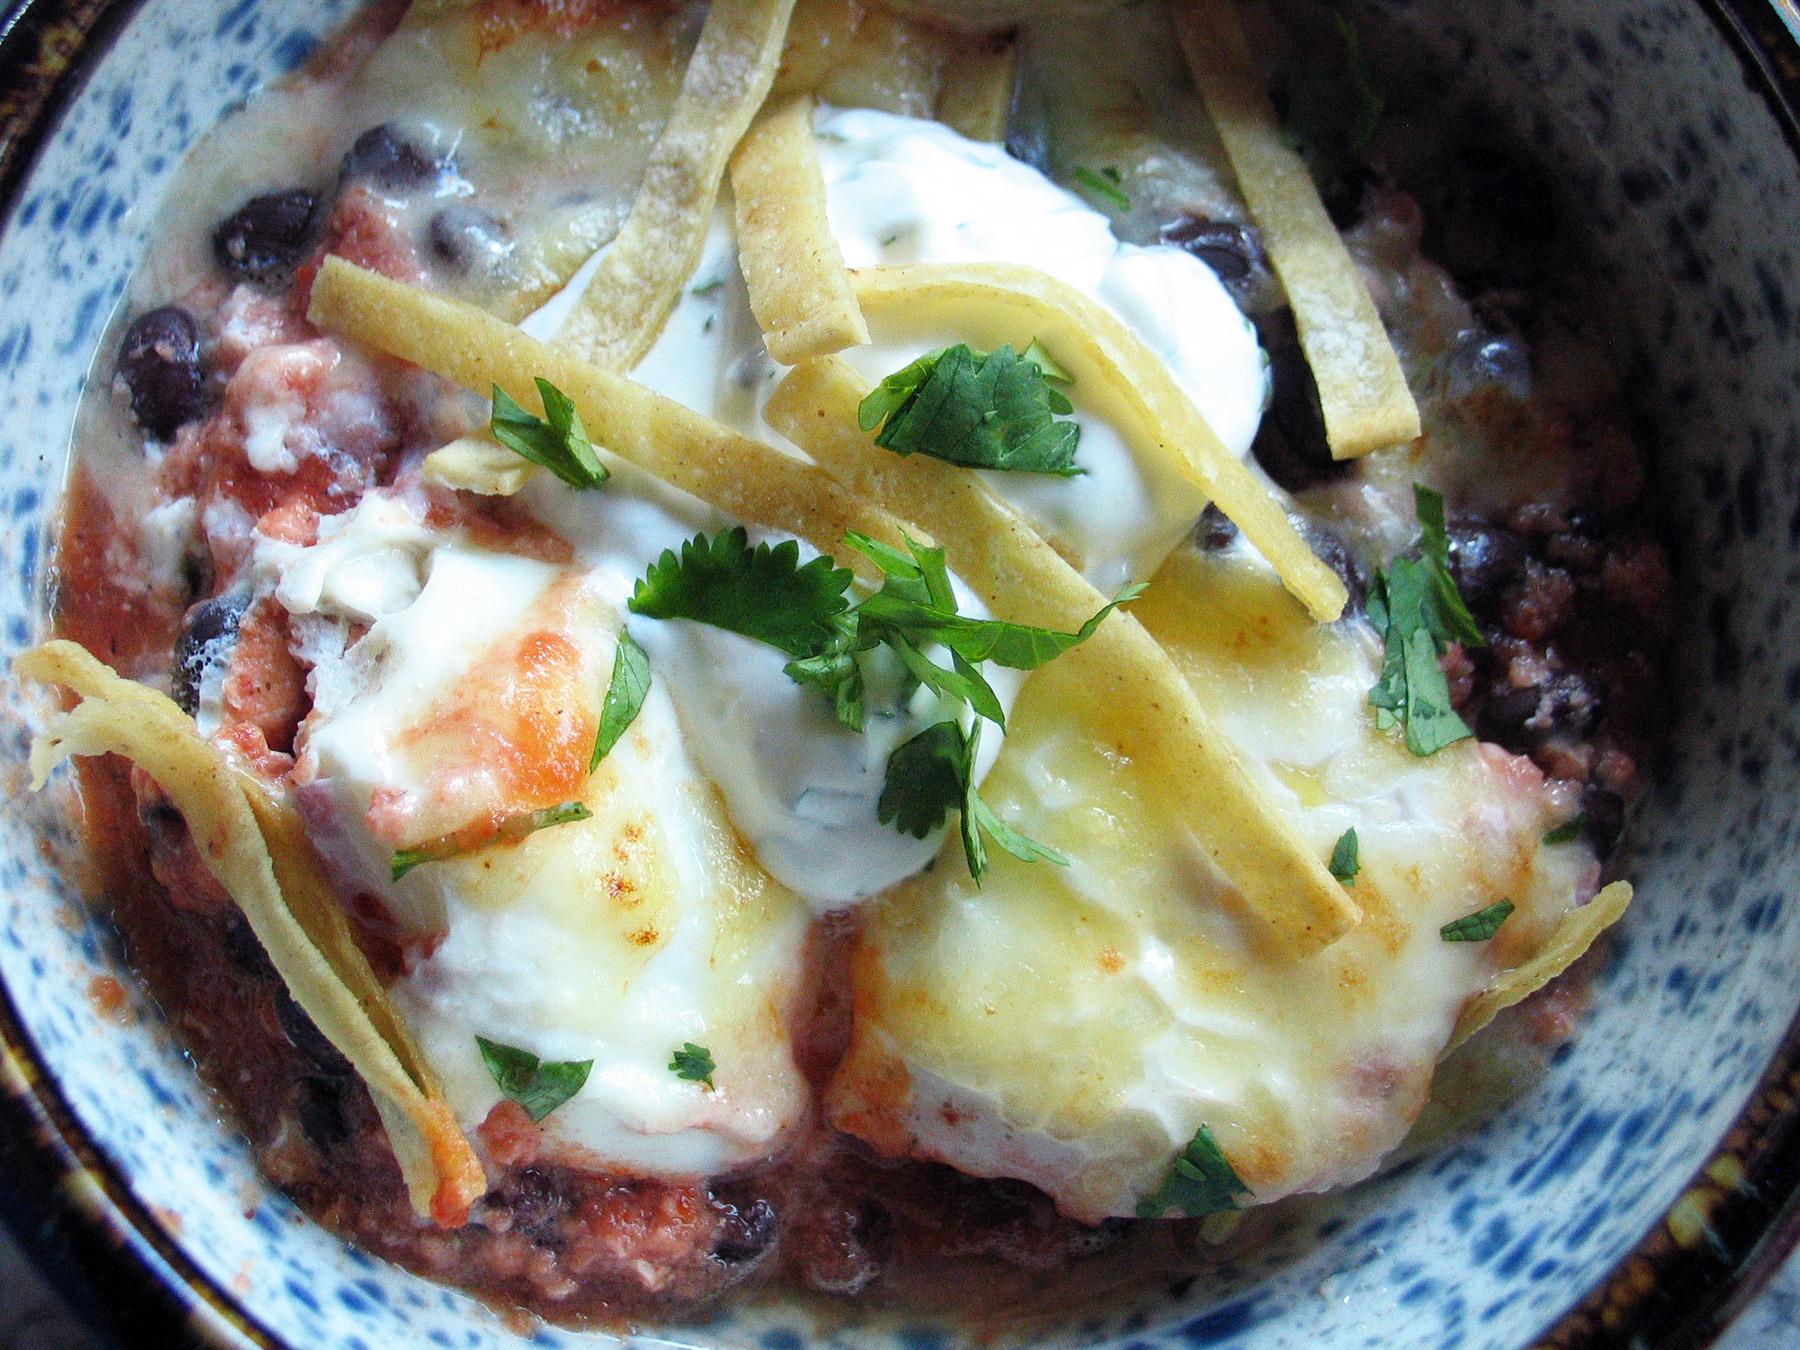 Smitten Kitchen's Baked Ranchero Eggs